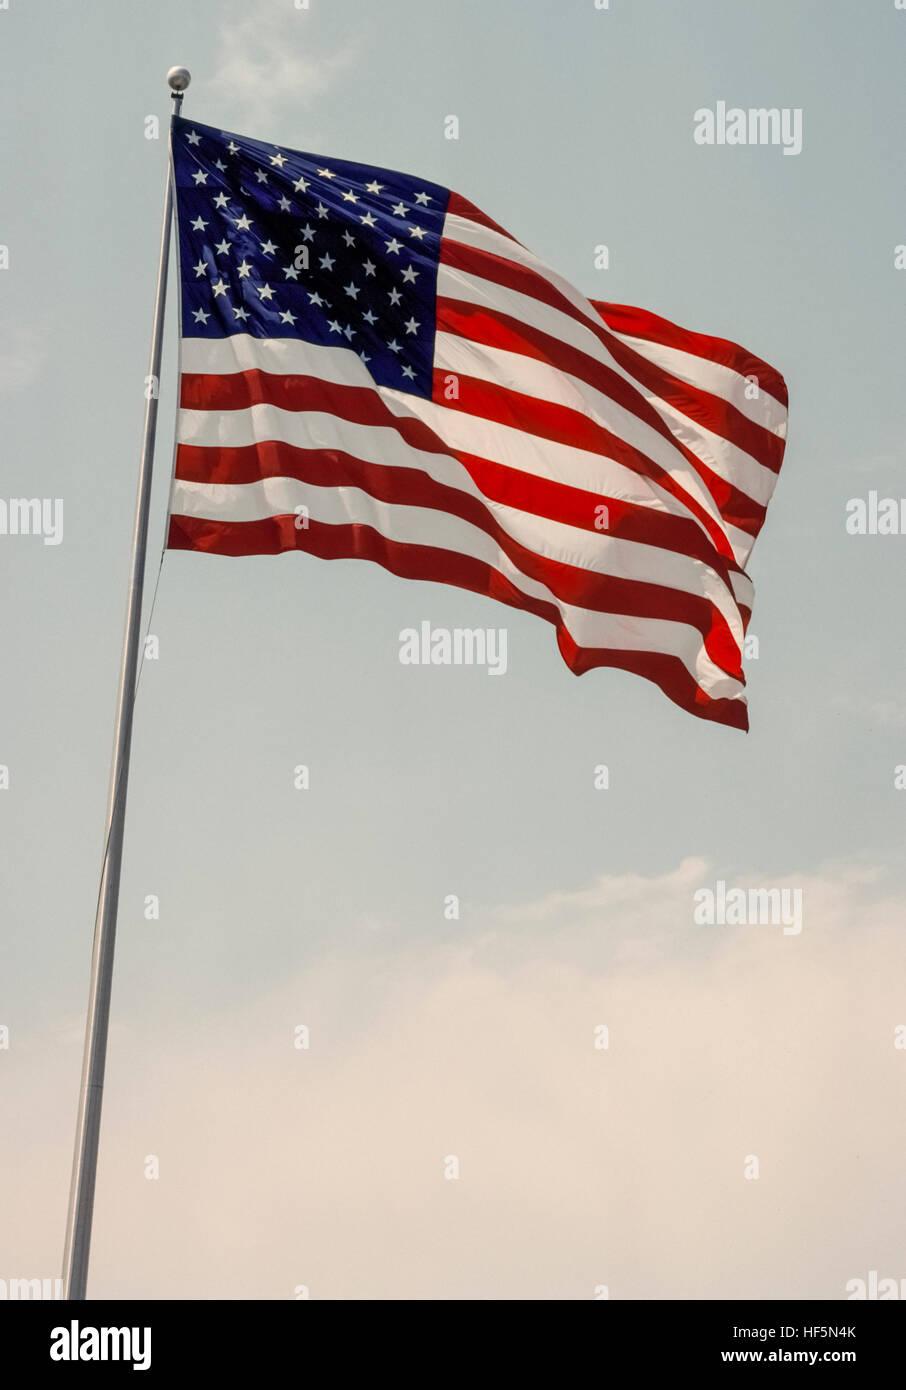 Ausgezeichnet Usa Flagge Vorlage Ideen - Beispielzusammenfassung ...